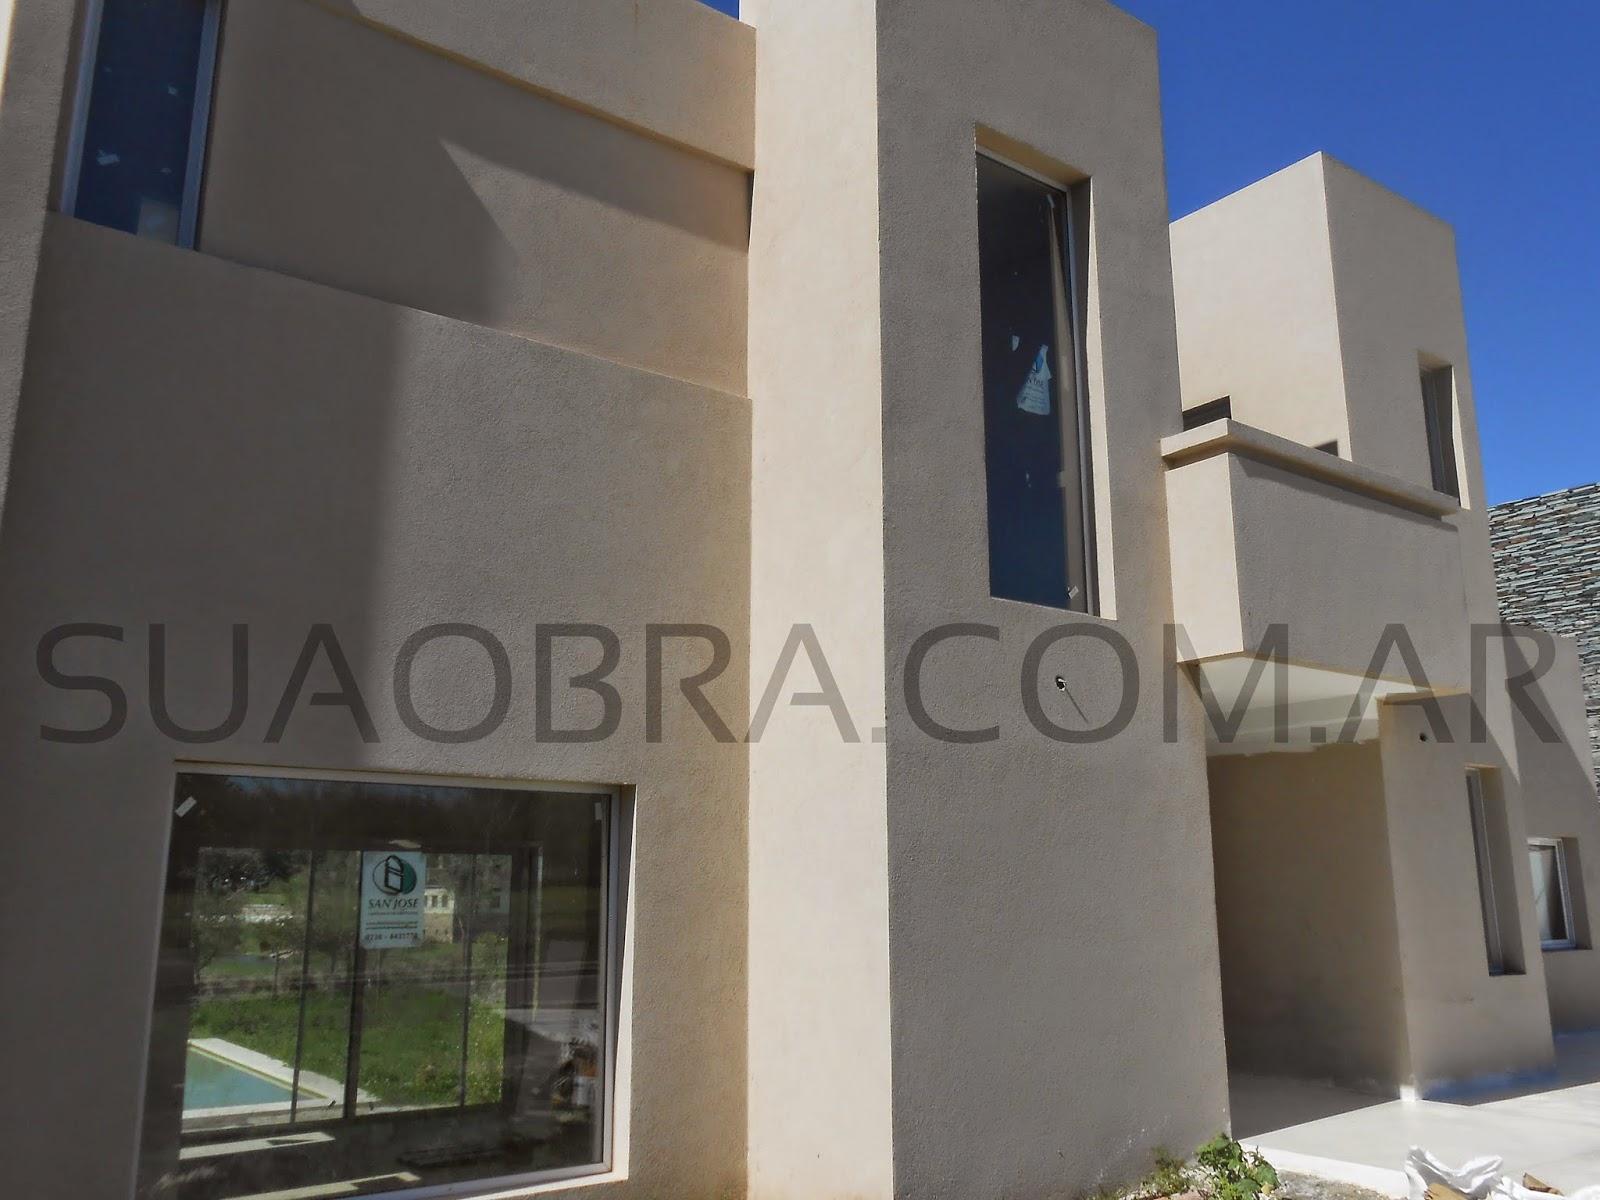 Tarquini revestimiento color para paredes exteriores - Revestimiento para paredes exteriores ...